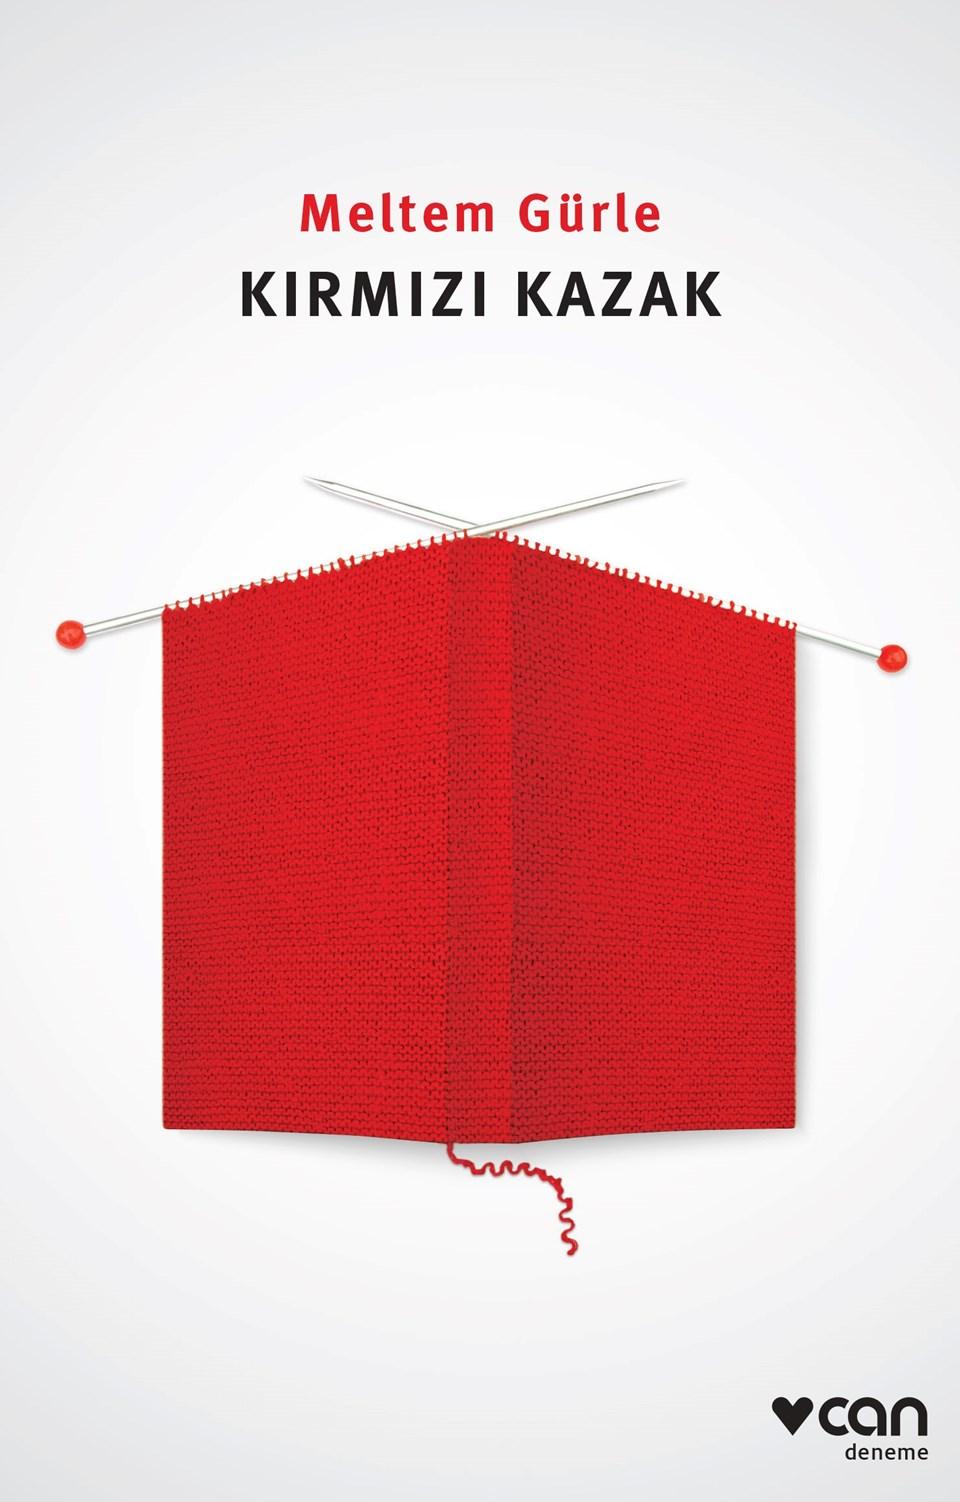 Kırmızı Kazak, Meltem Gürle, Can Yayınları